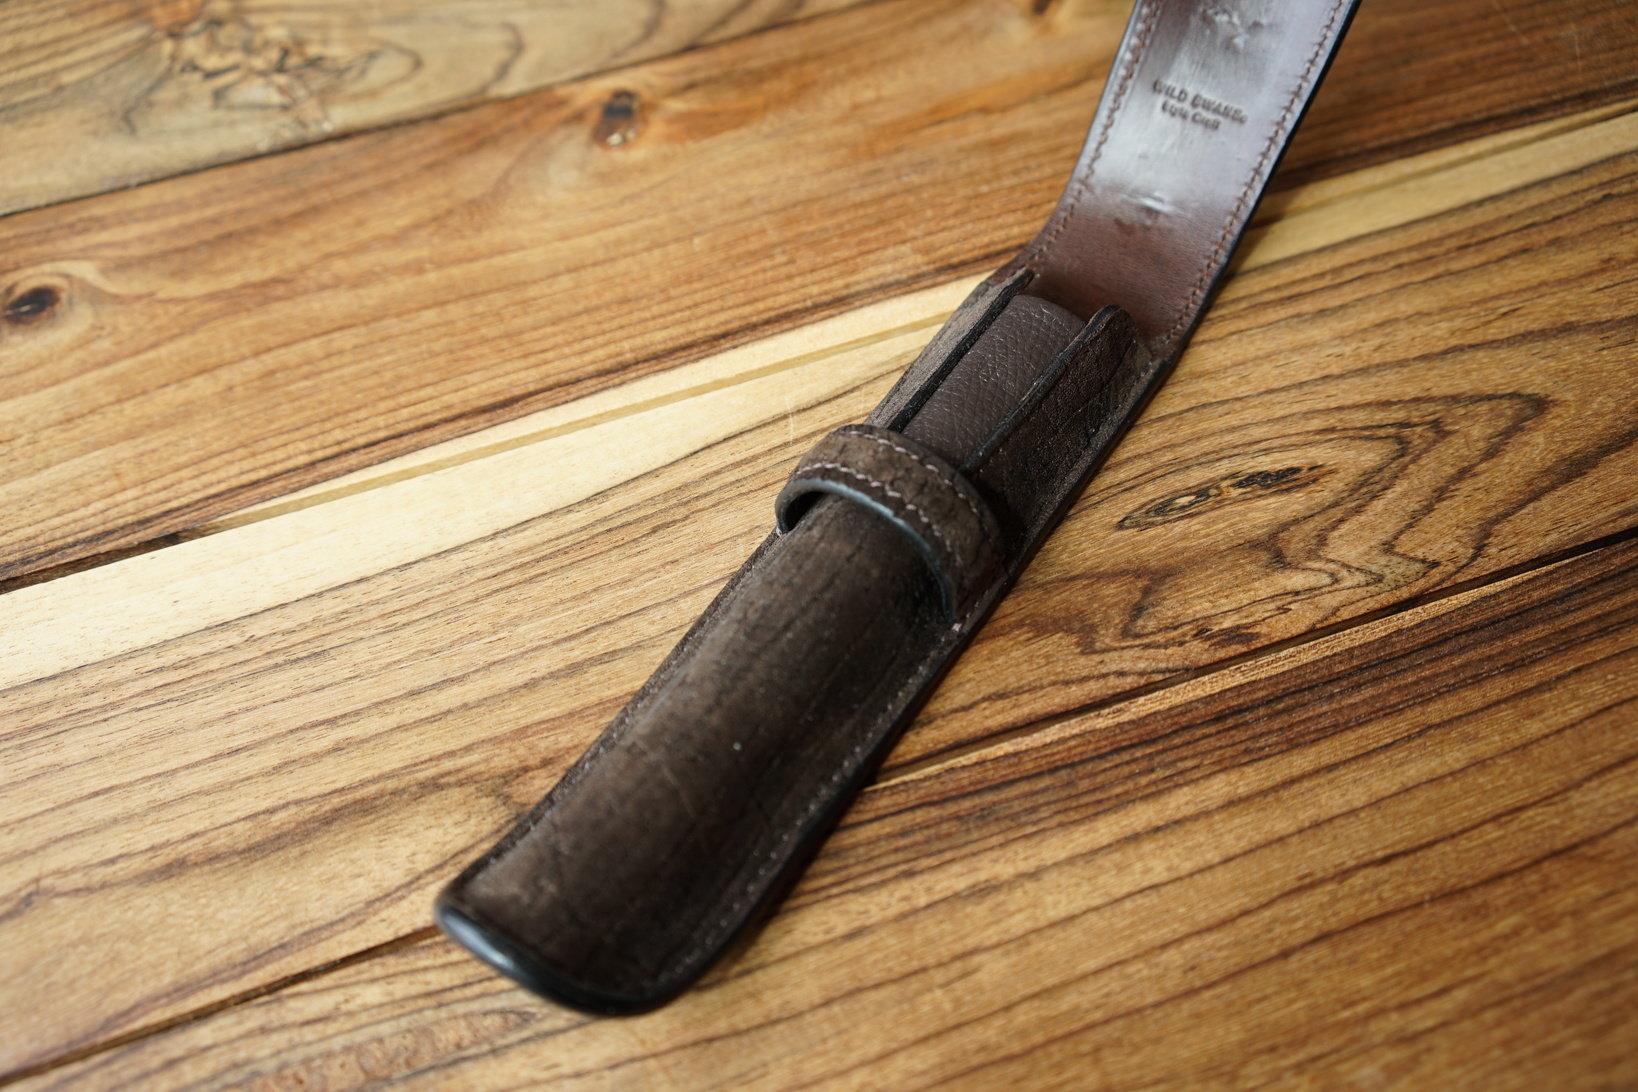 カバ革を使用したペンケース。しっとりした質感が高級感を漂わせる。